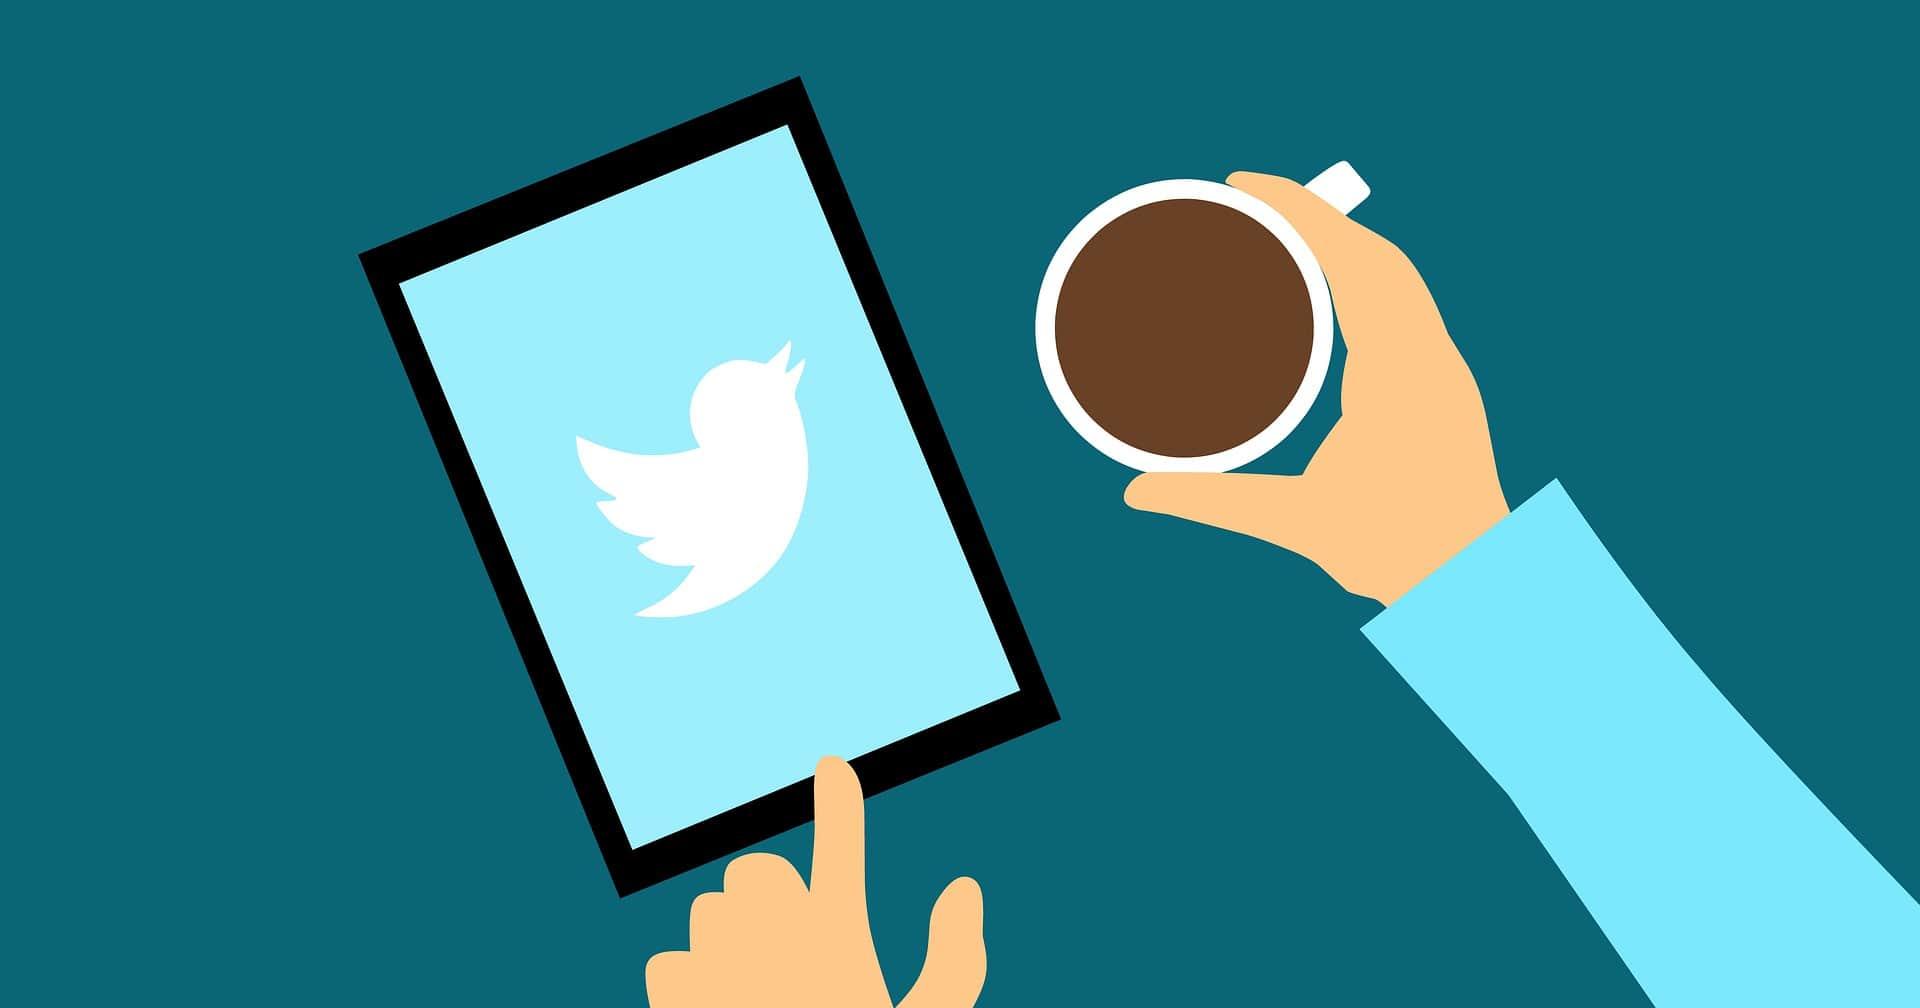 Массфолловинг в Твиттере, популярные программы